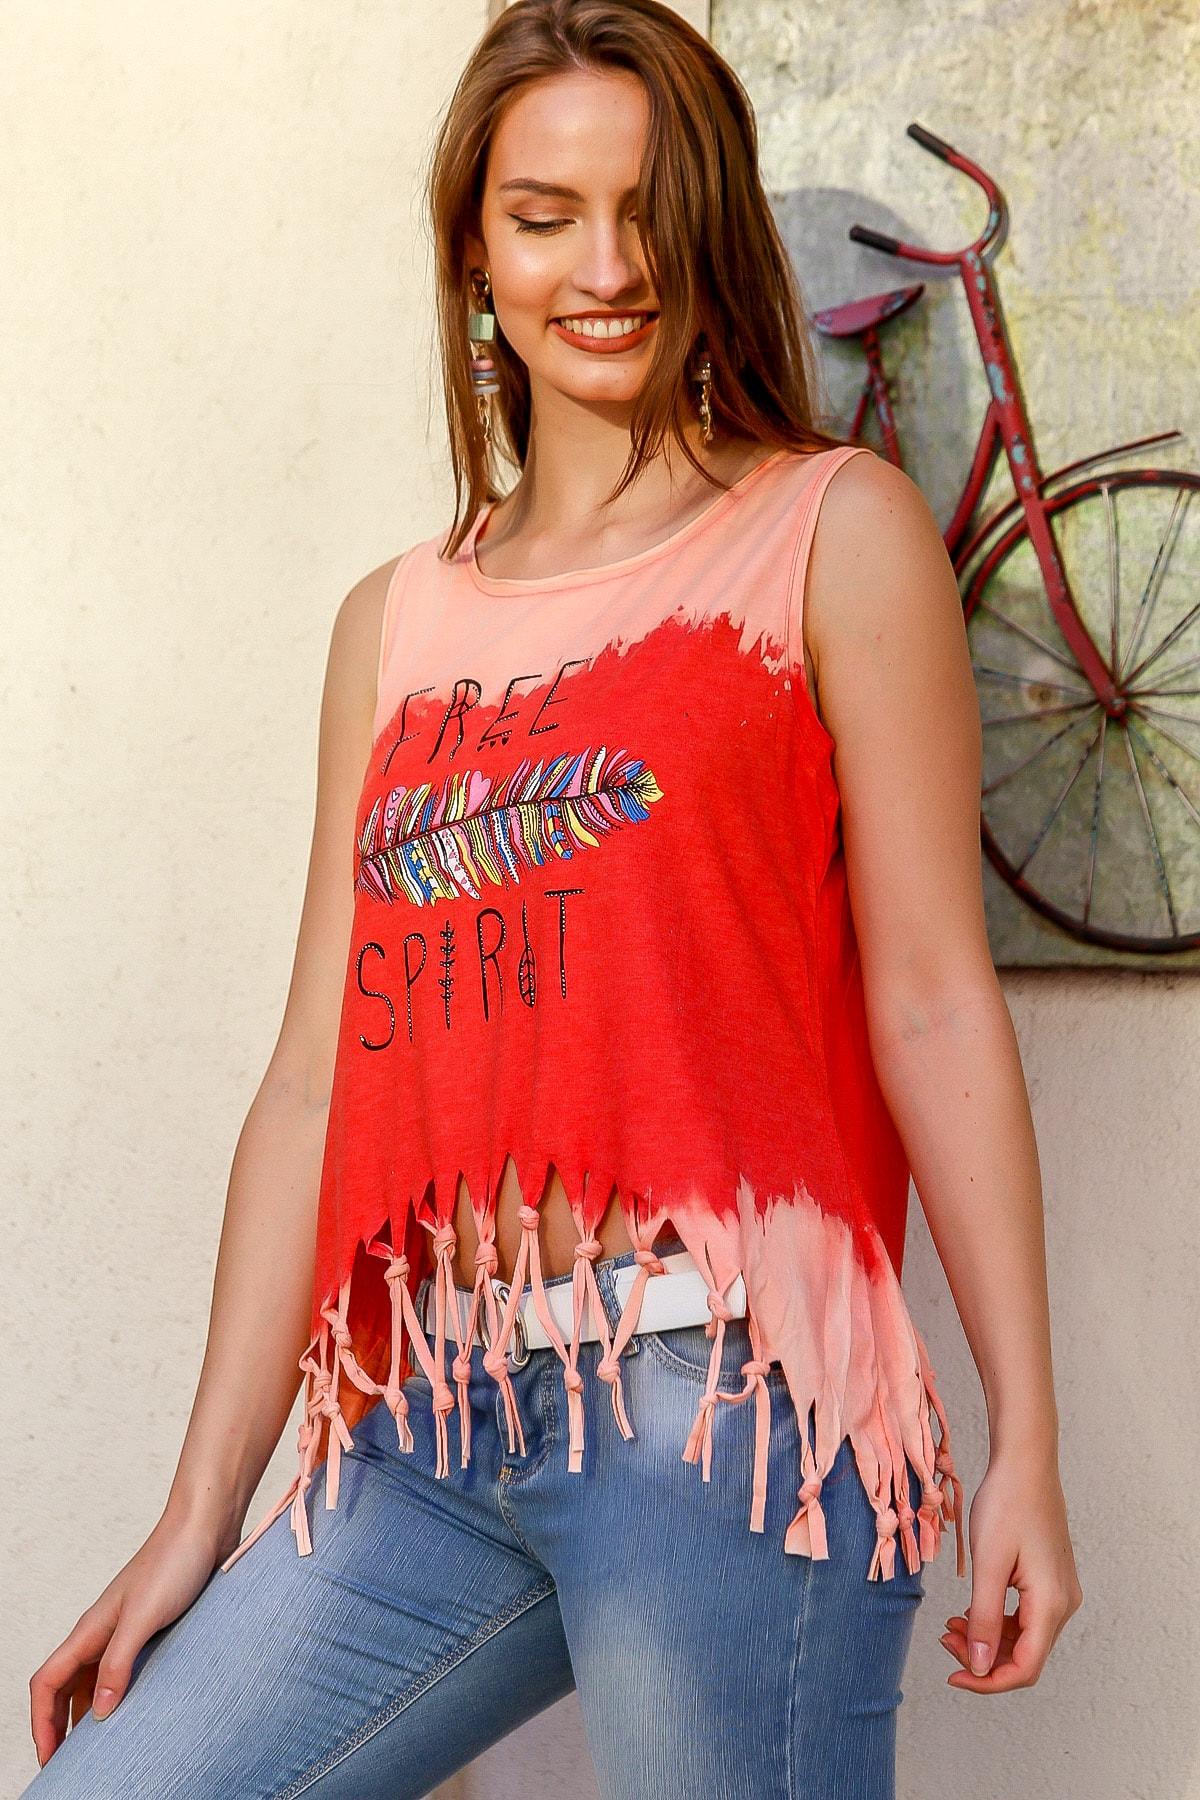 Chiccy Kadın Nar Çiçeği Batik Free Spirit Baskılı Etek Ucu Saçaklı Kolsuz Yıkamalı T-Shirt M10010300TS98230